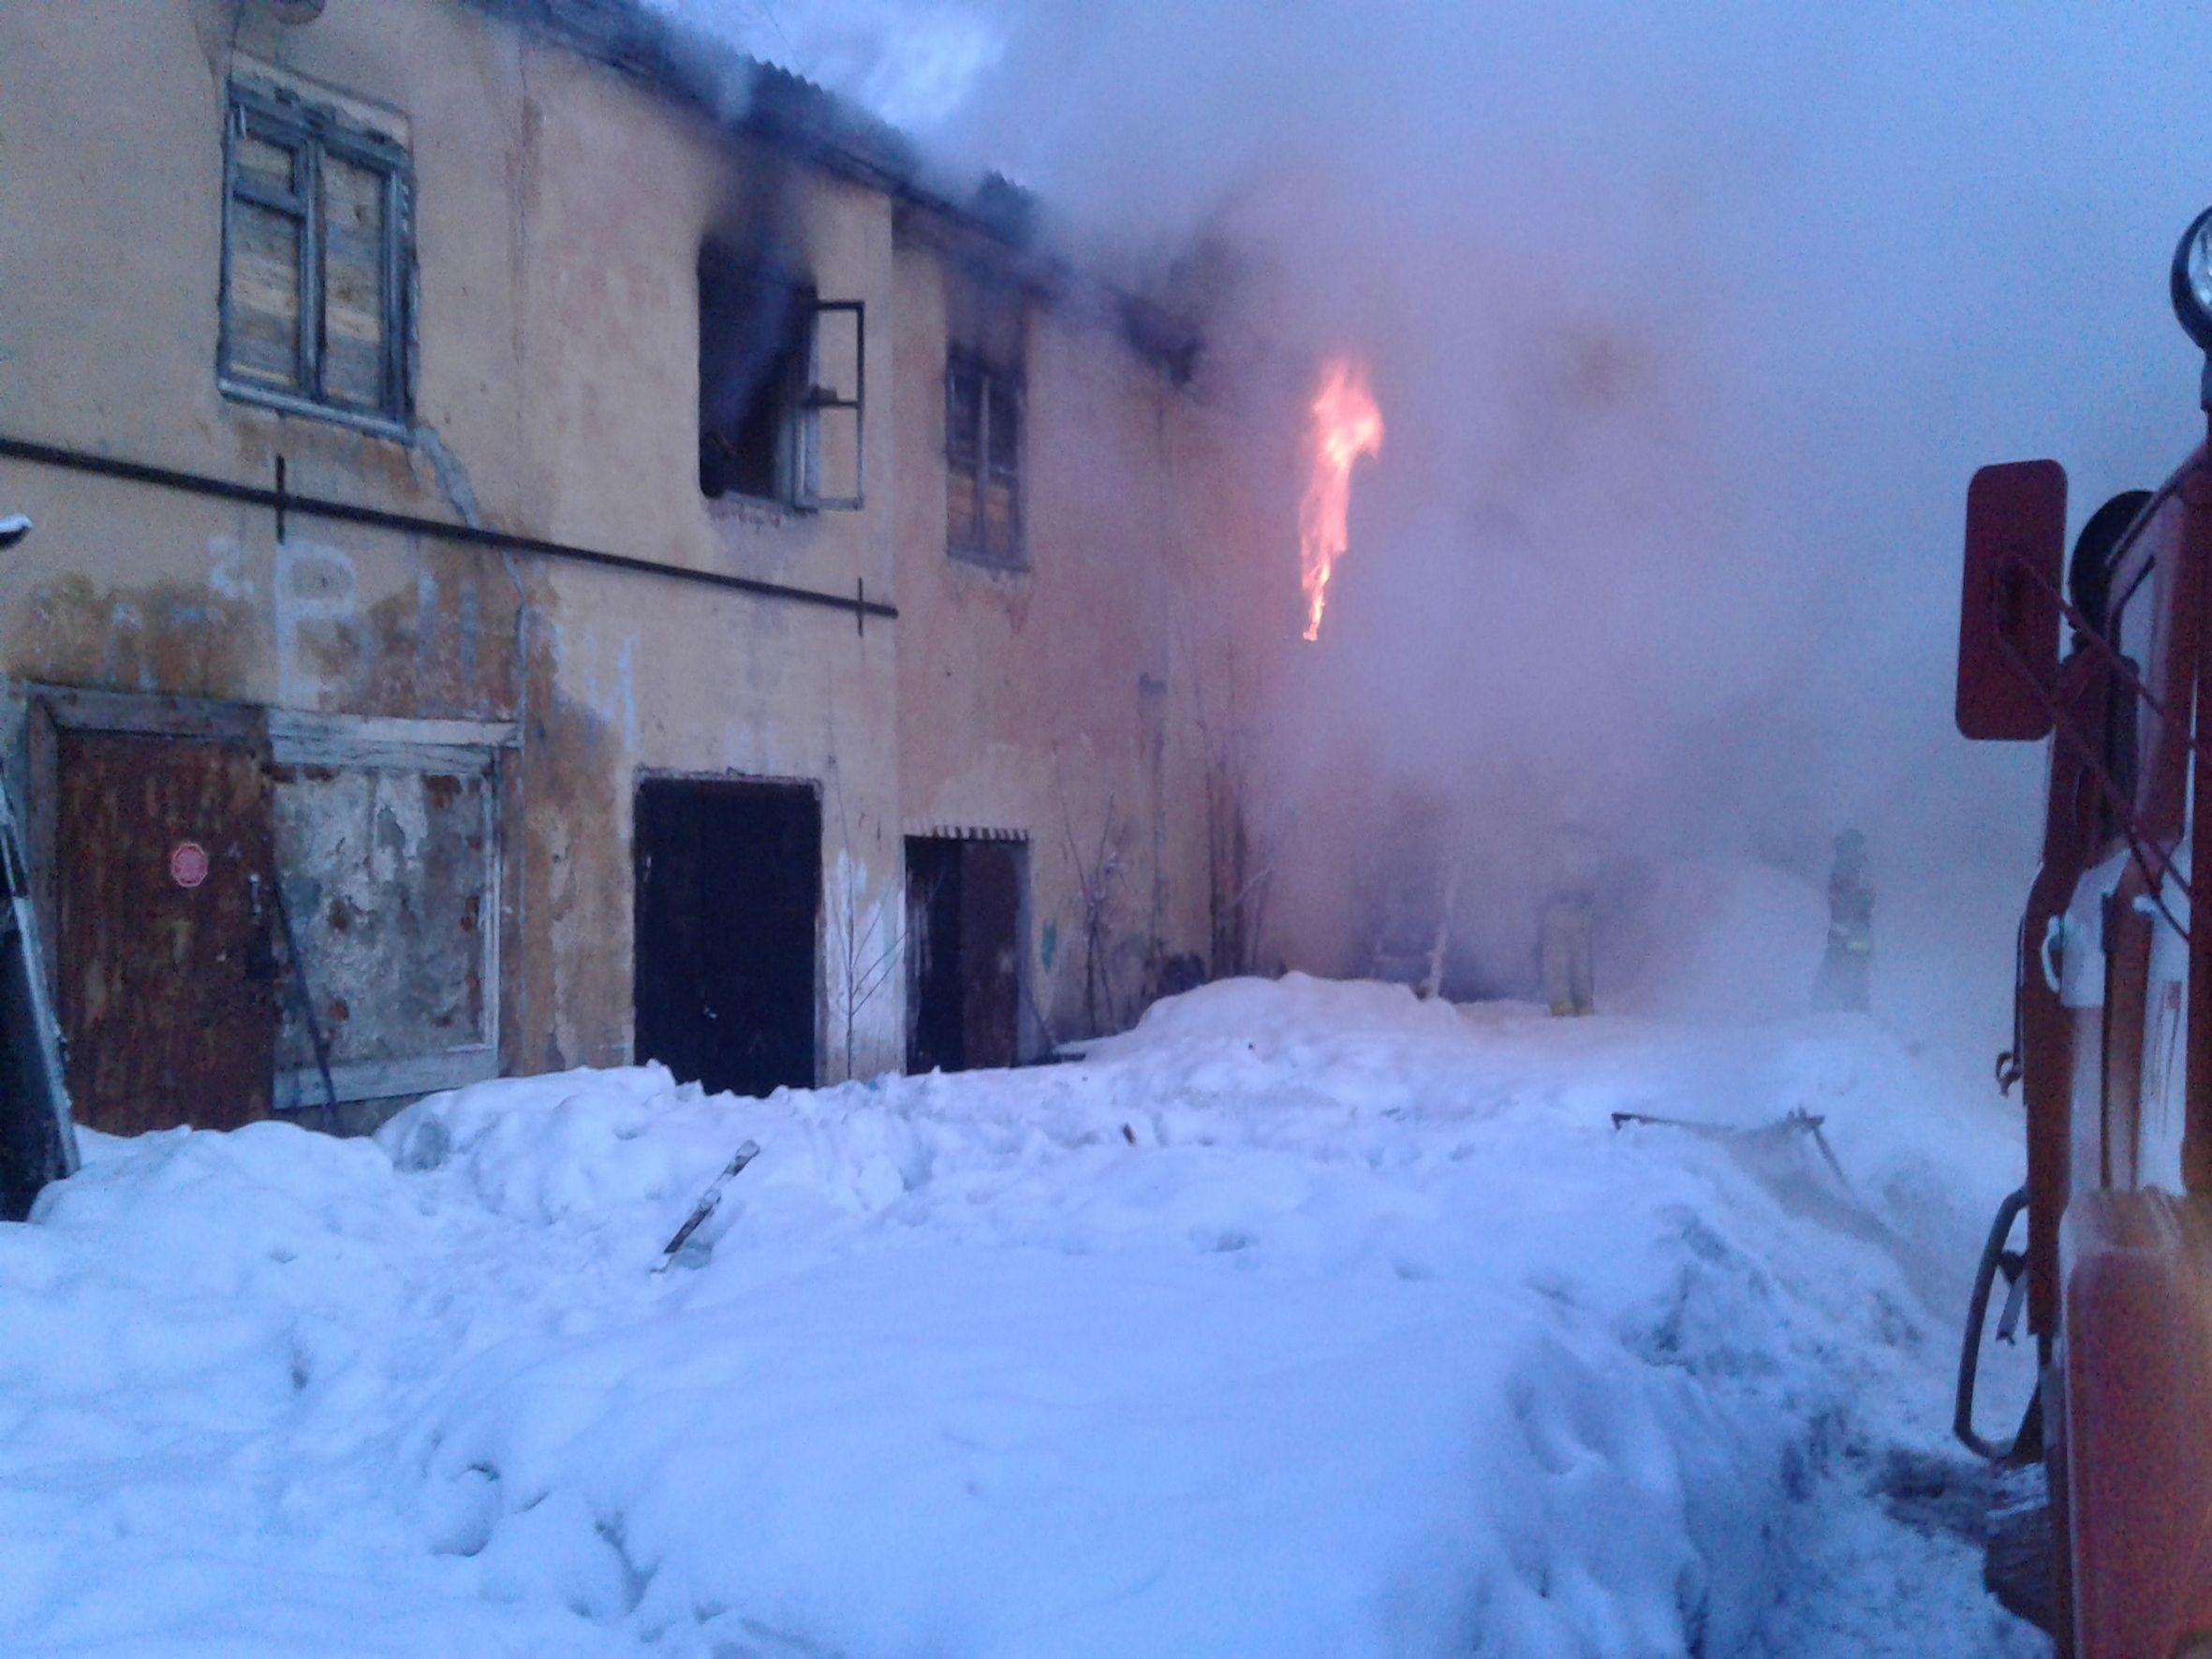 Сотрудники Росгвардии спасли из горящего дома двух мужчин